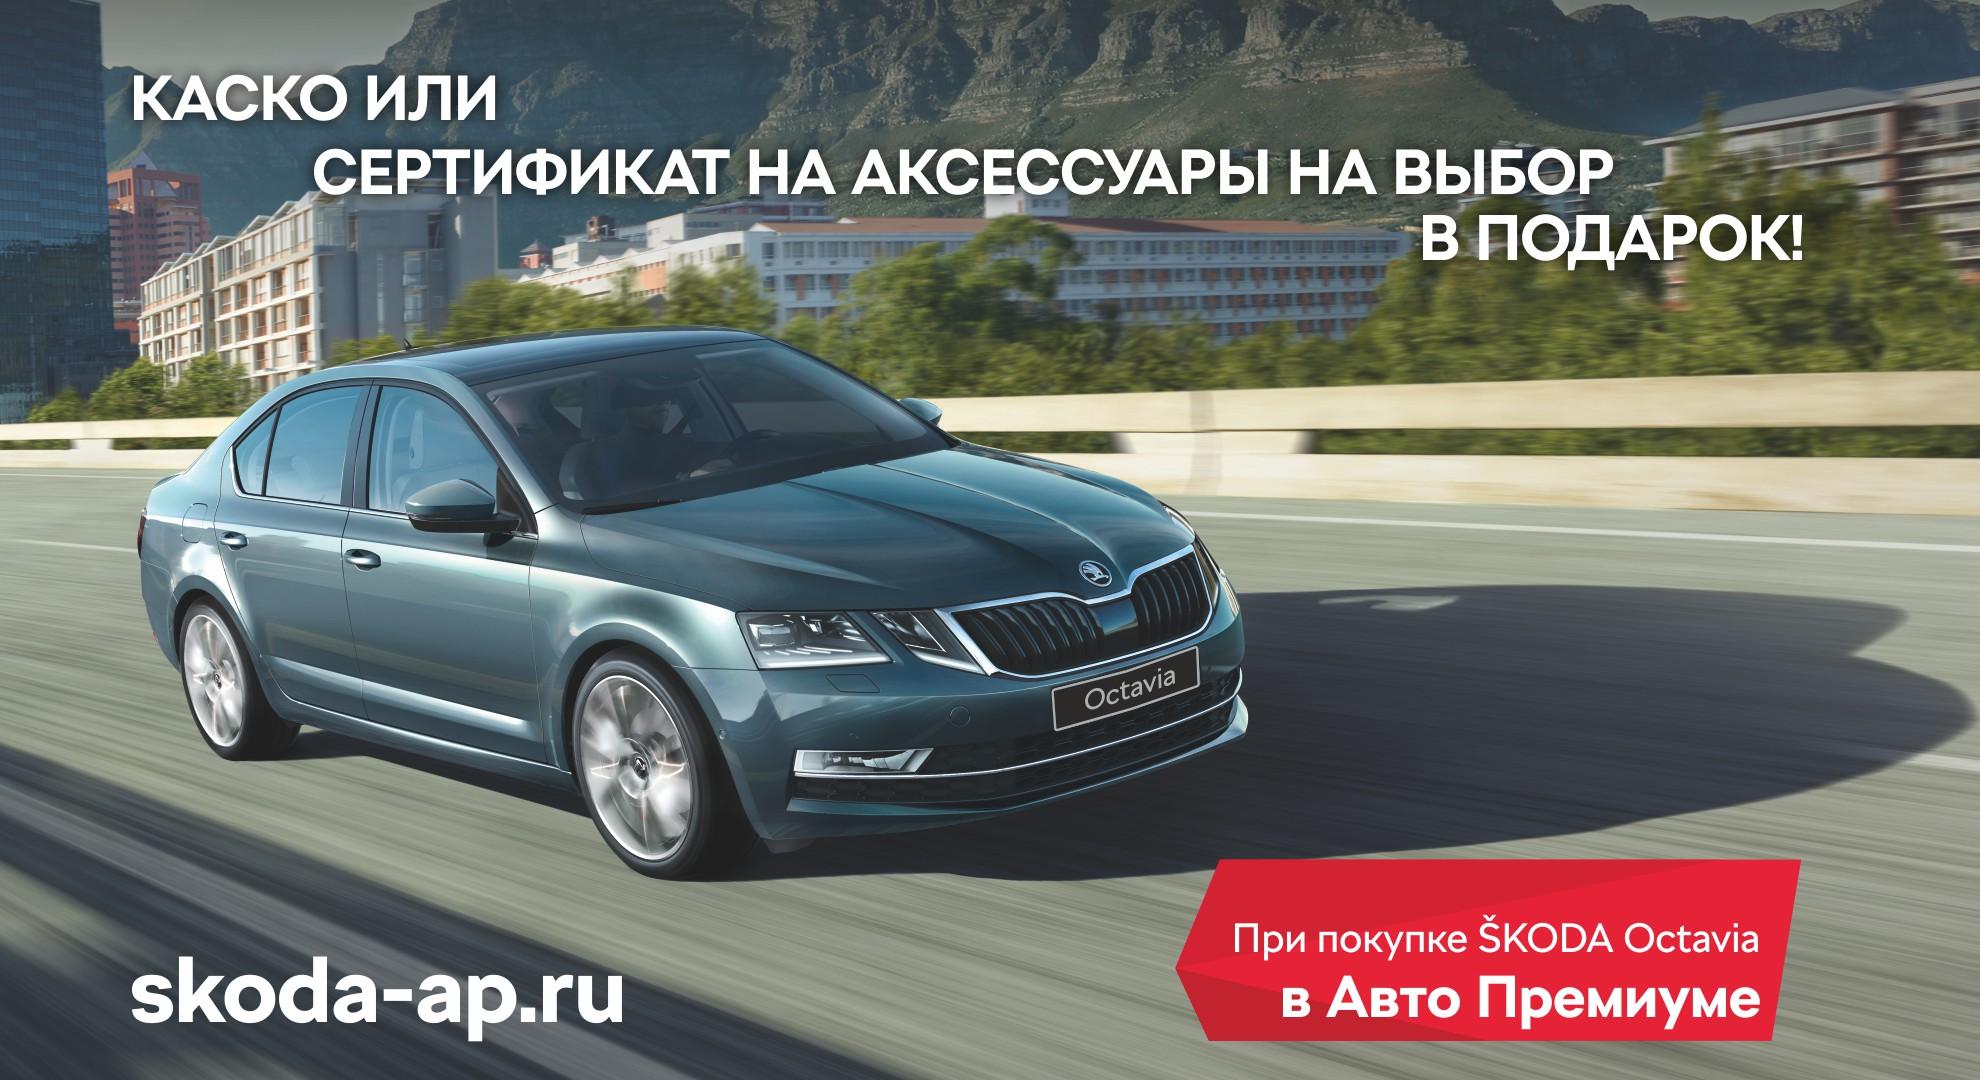 Выгодные условия на покупку Skoda Octavia от Авто Премиум